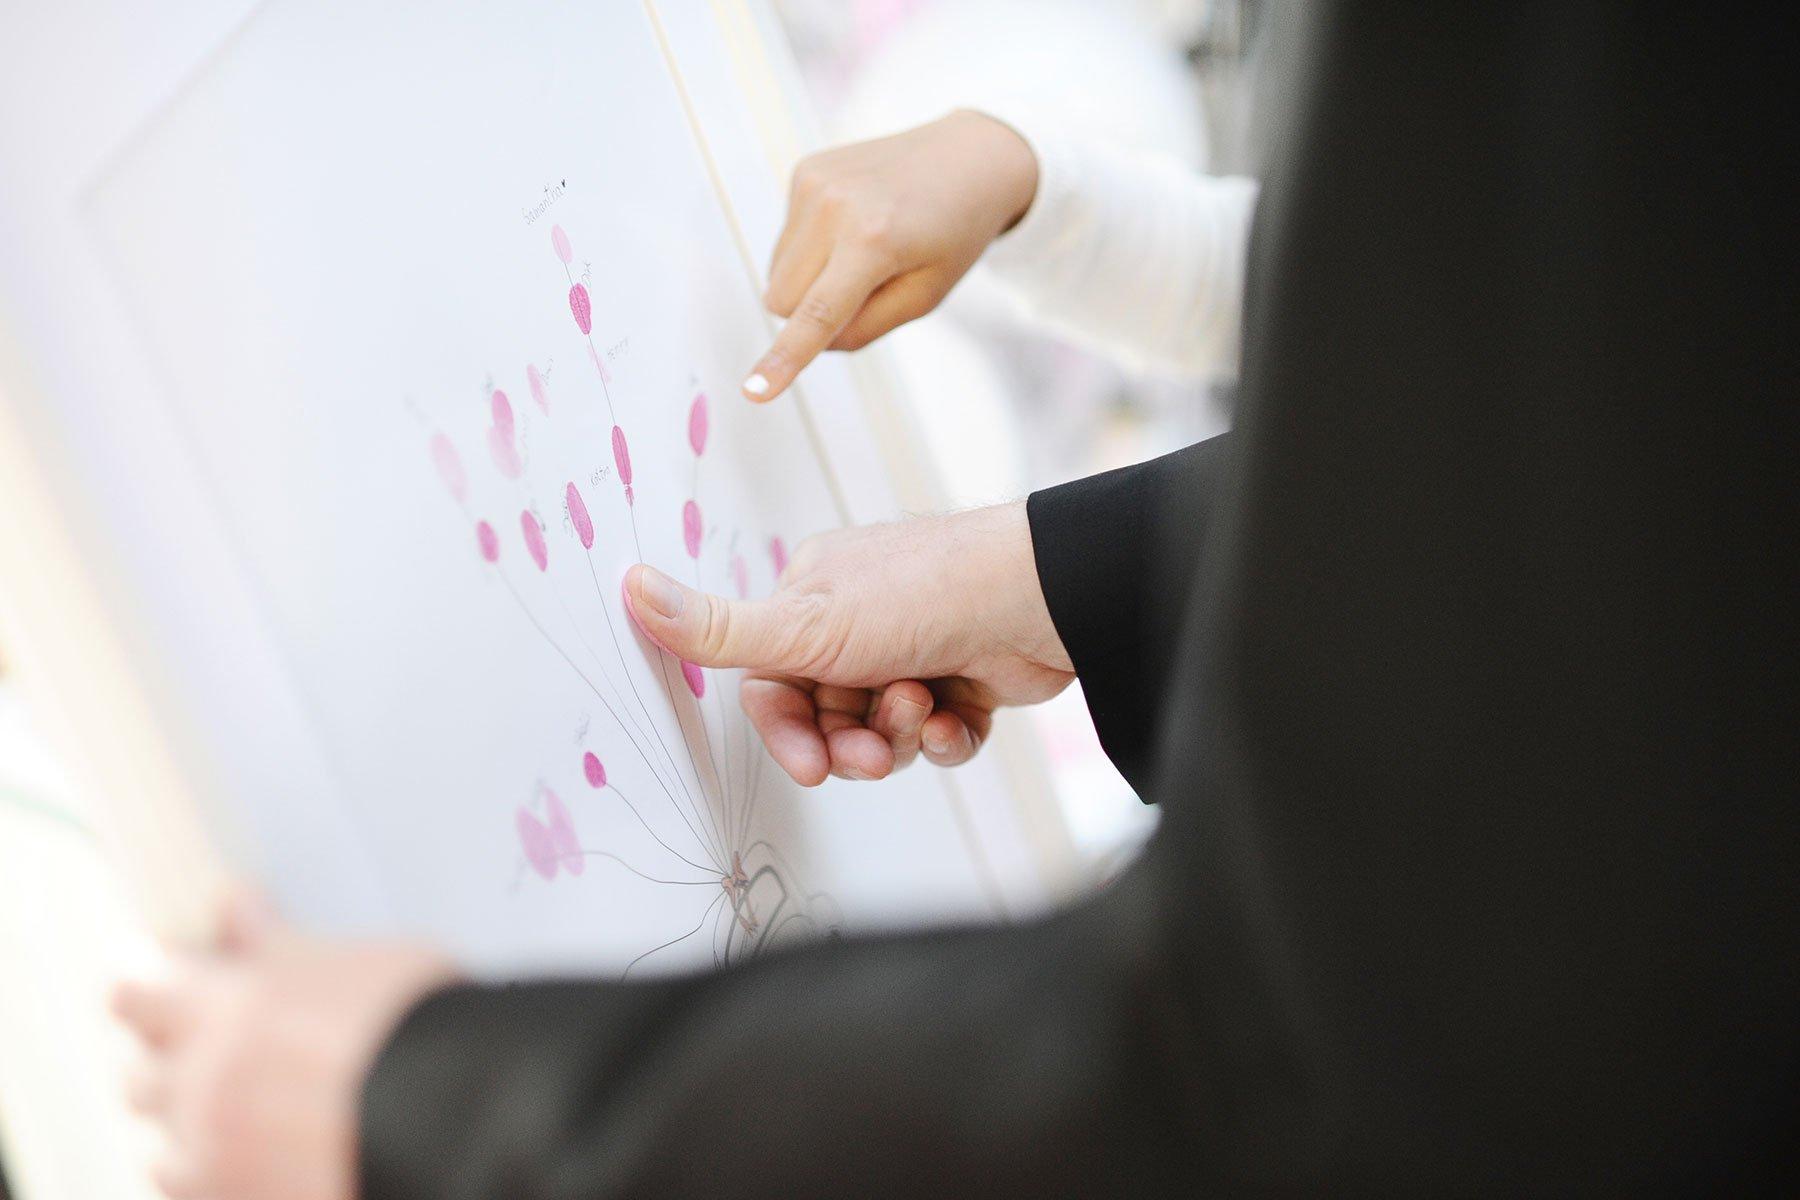 Kind zeigt Hochzeitsgast wie das Fingerabdruck-Bild funktioniert